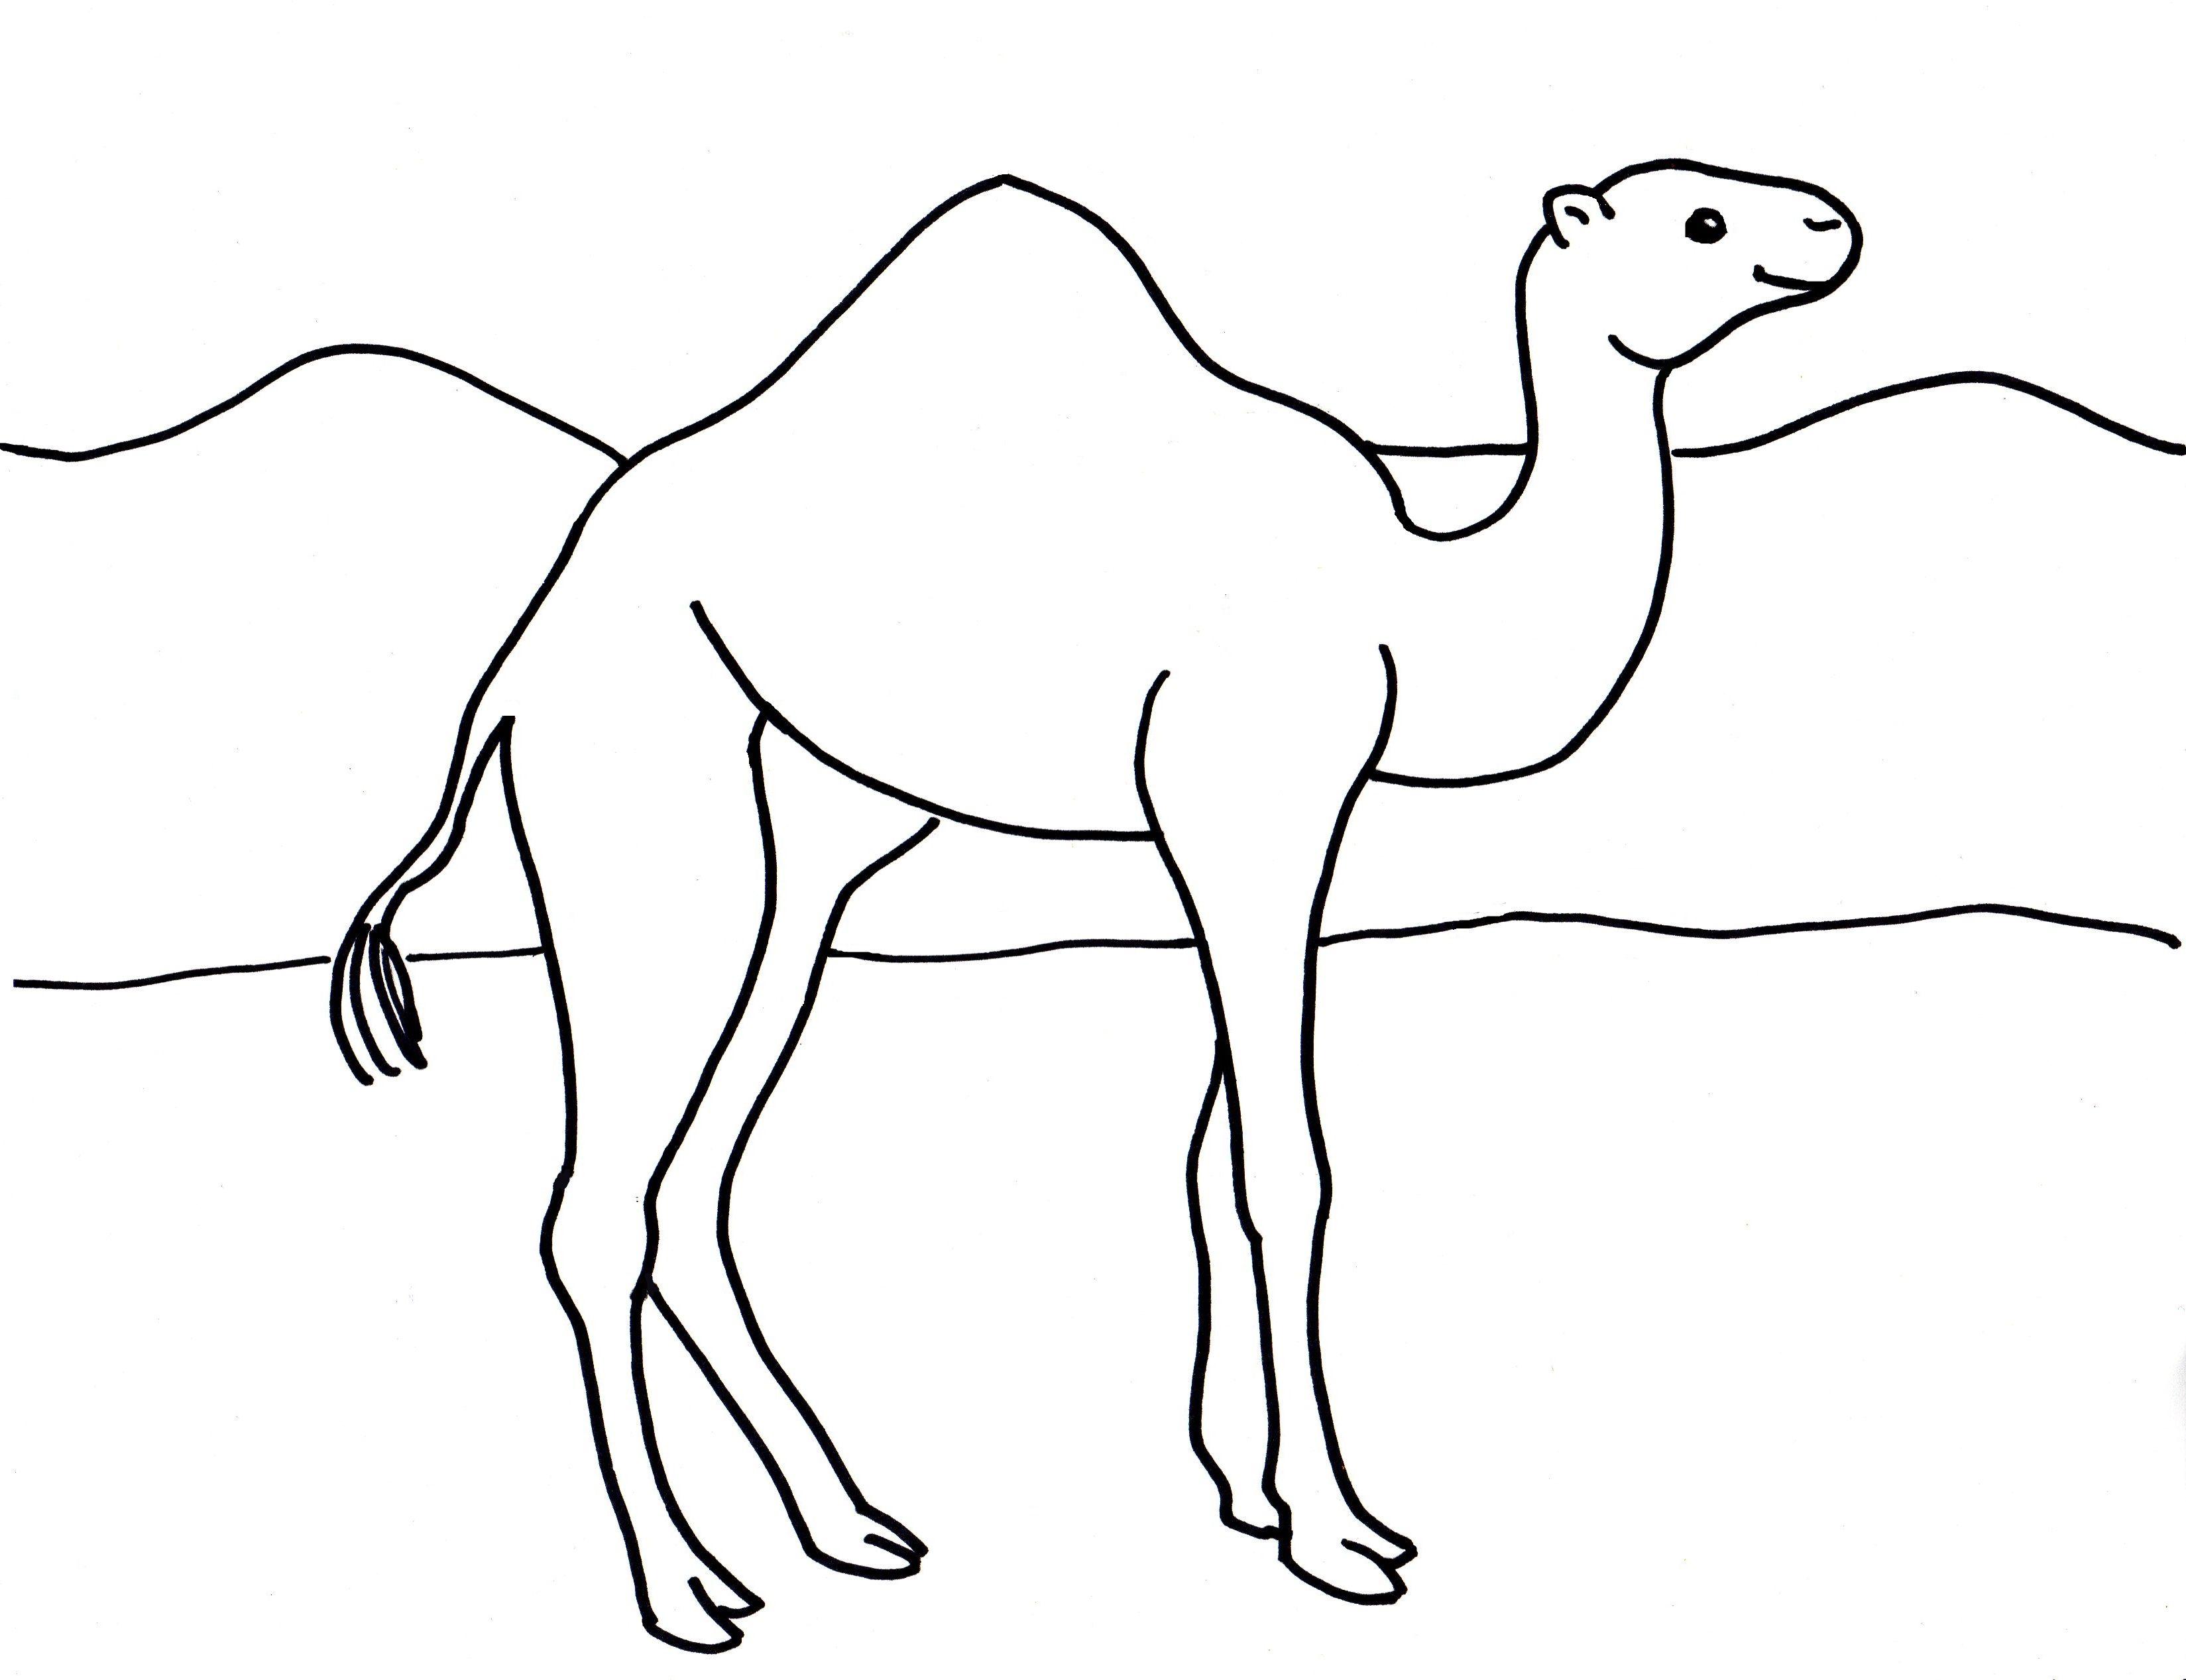 решении картинка верблюд нарисовать его название связано